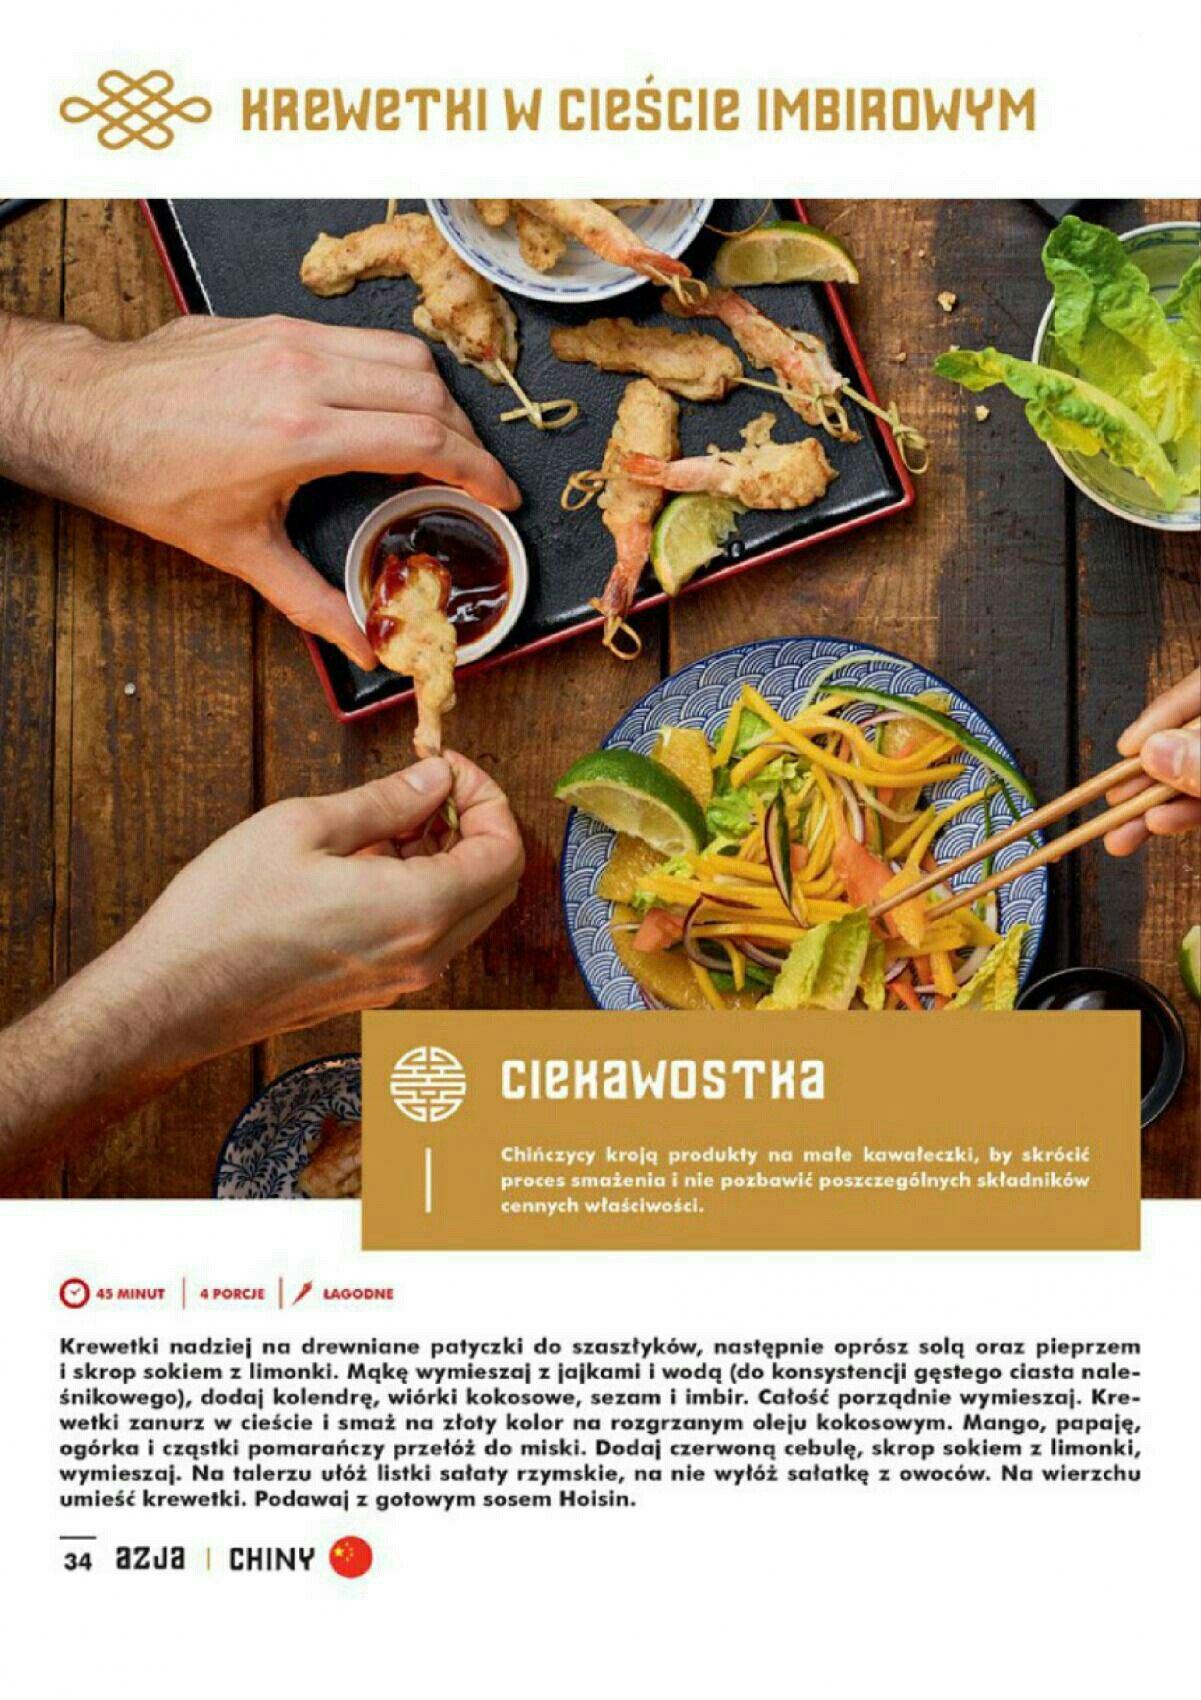 Pin by Ivi on FoodJedzenie | Limonki, Jedzenie, Produkty